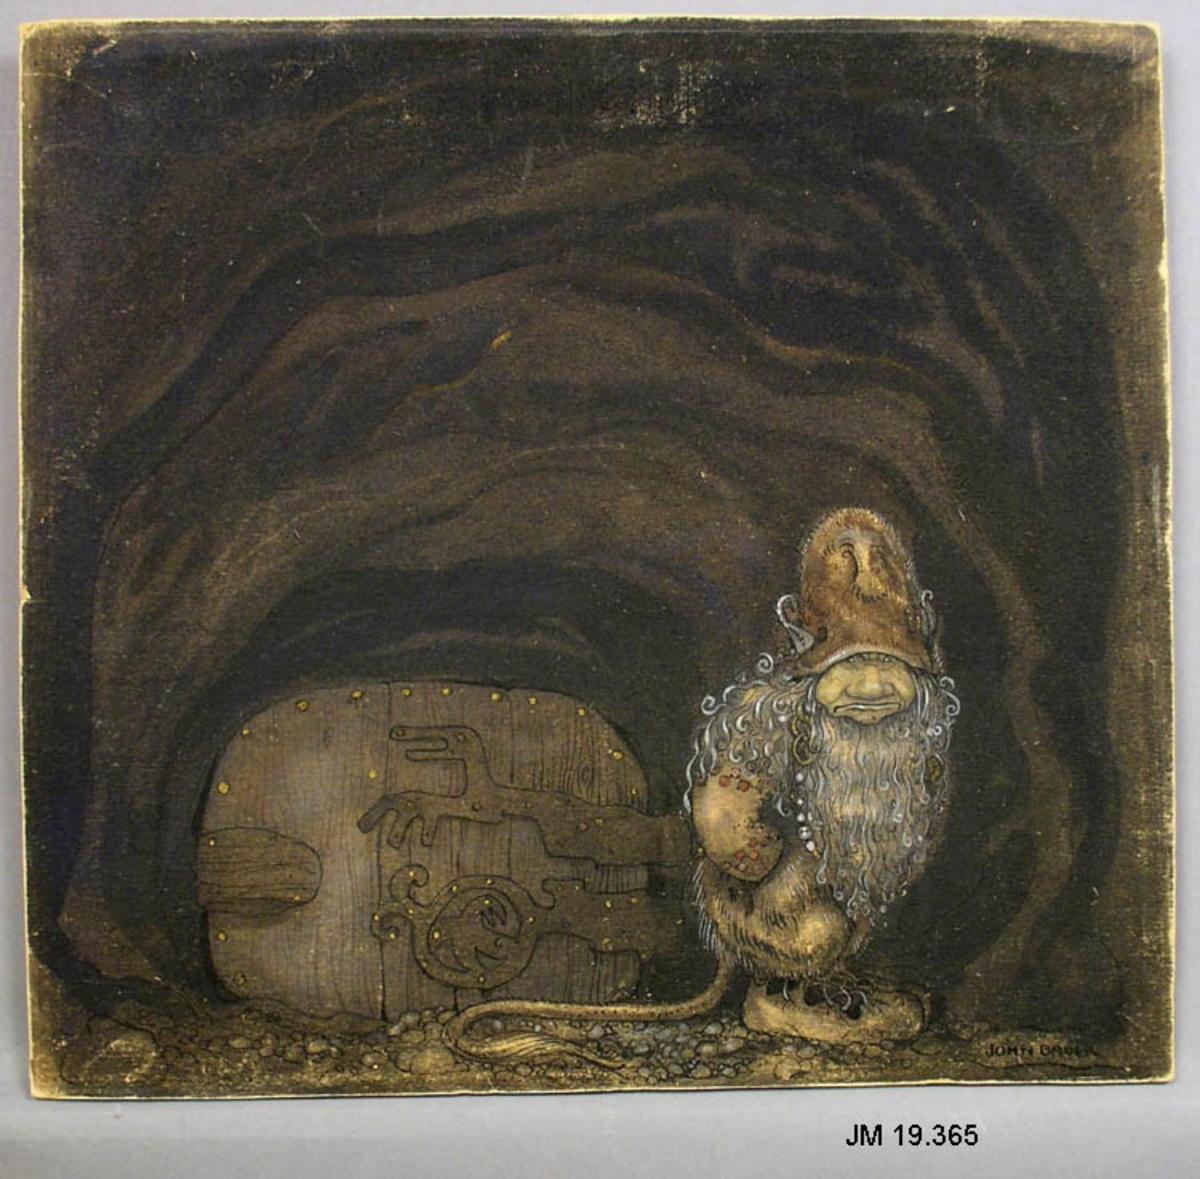 """Akvarellmålning med detaljer i gouache och tusch. Trollgubbe utanför en port. Brun och grå färgskala.  Verkets titel: """"Tvärare och vresigare till humöret blev han allt som tiden led""""."""